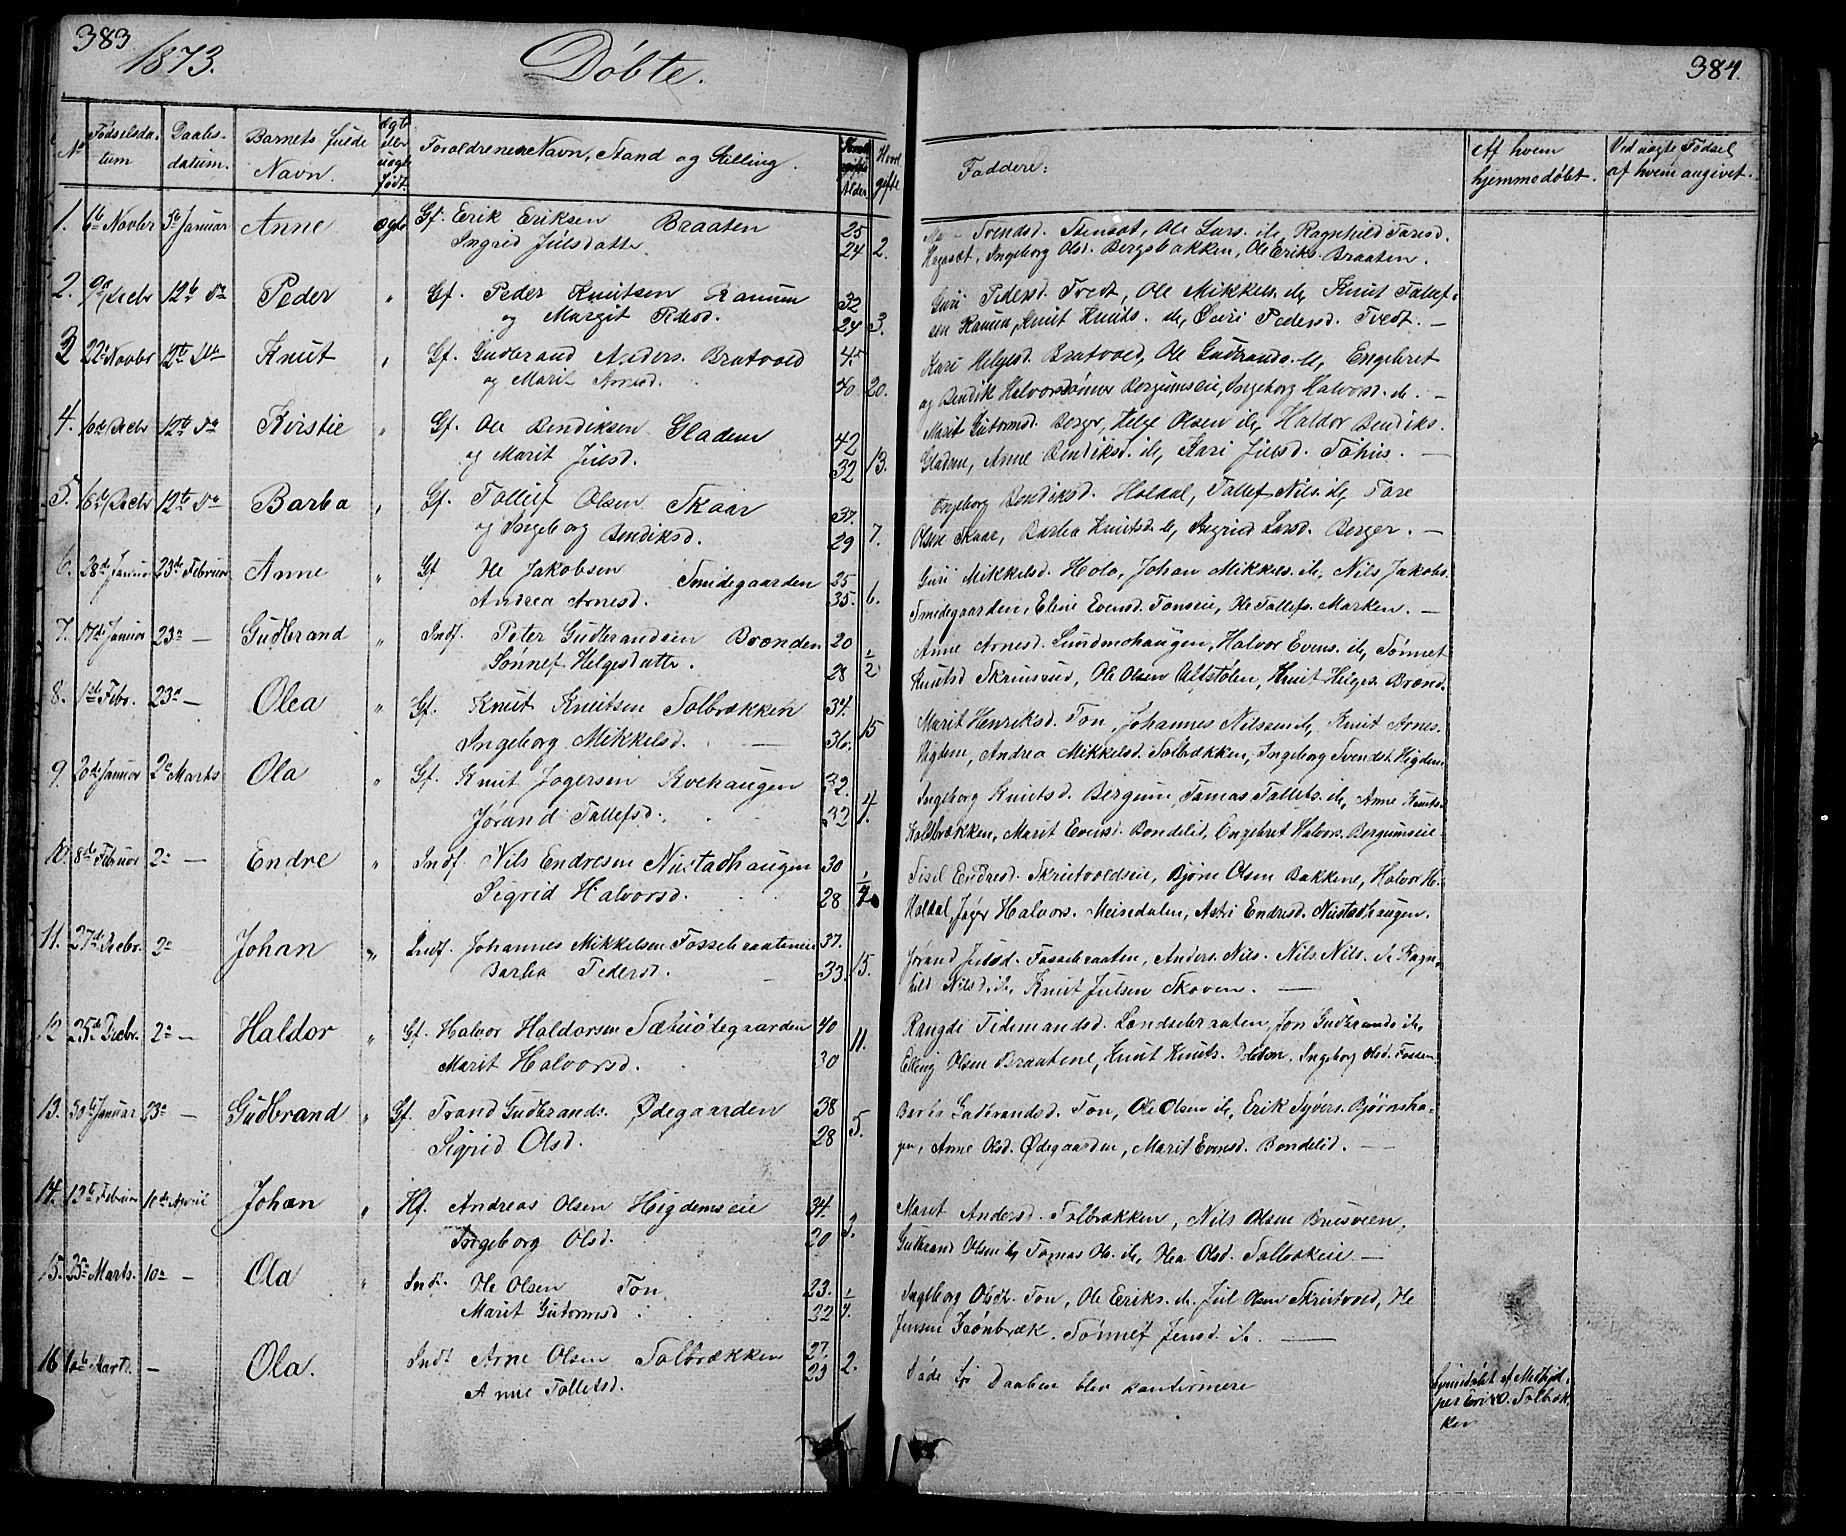 SAH, Nord-Aurdal prestekontor, Klokkerbok nr. 1, 1834-1887, s. 383-384